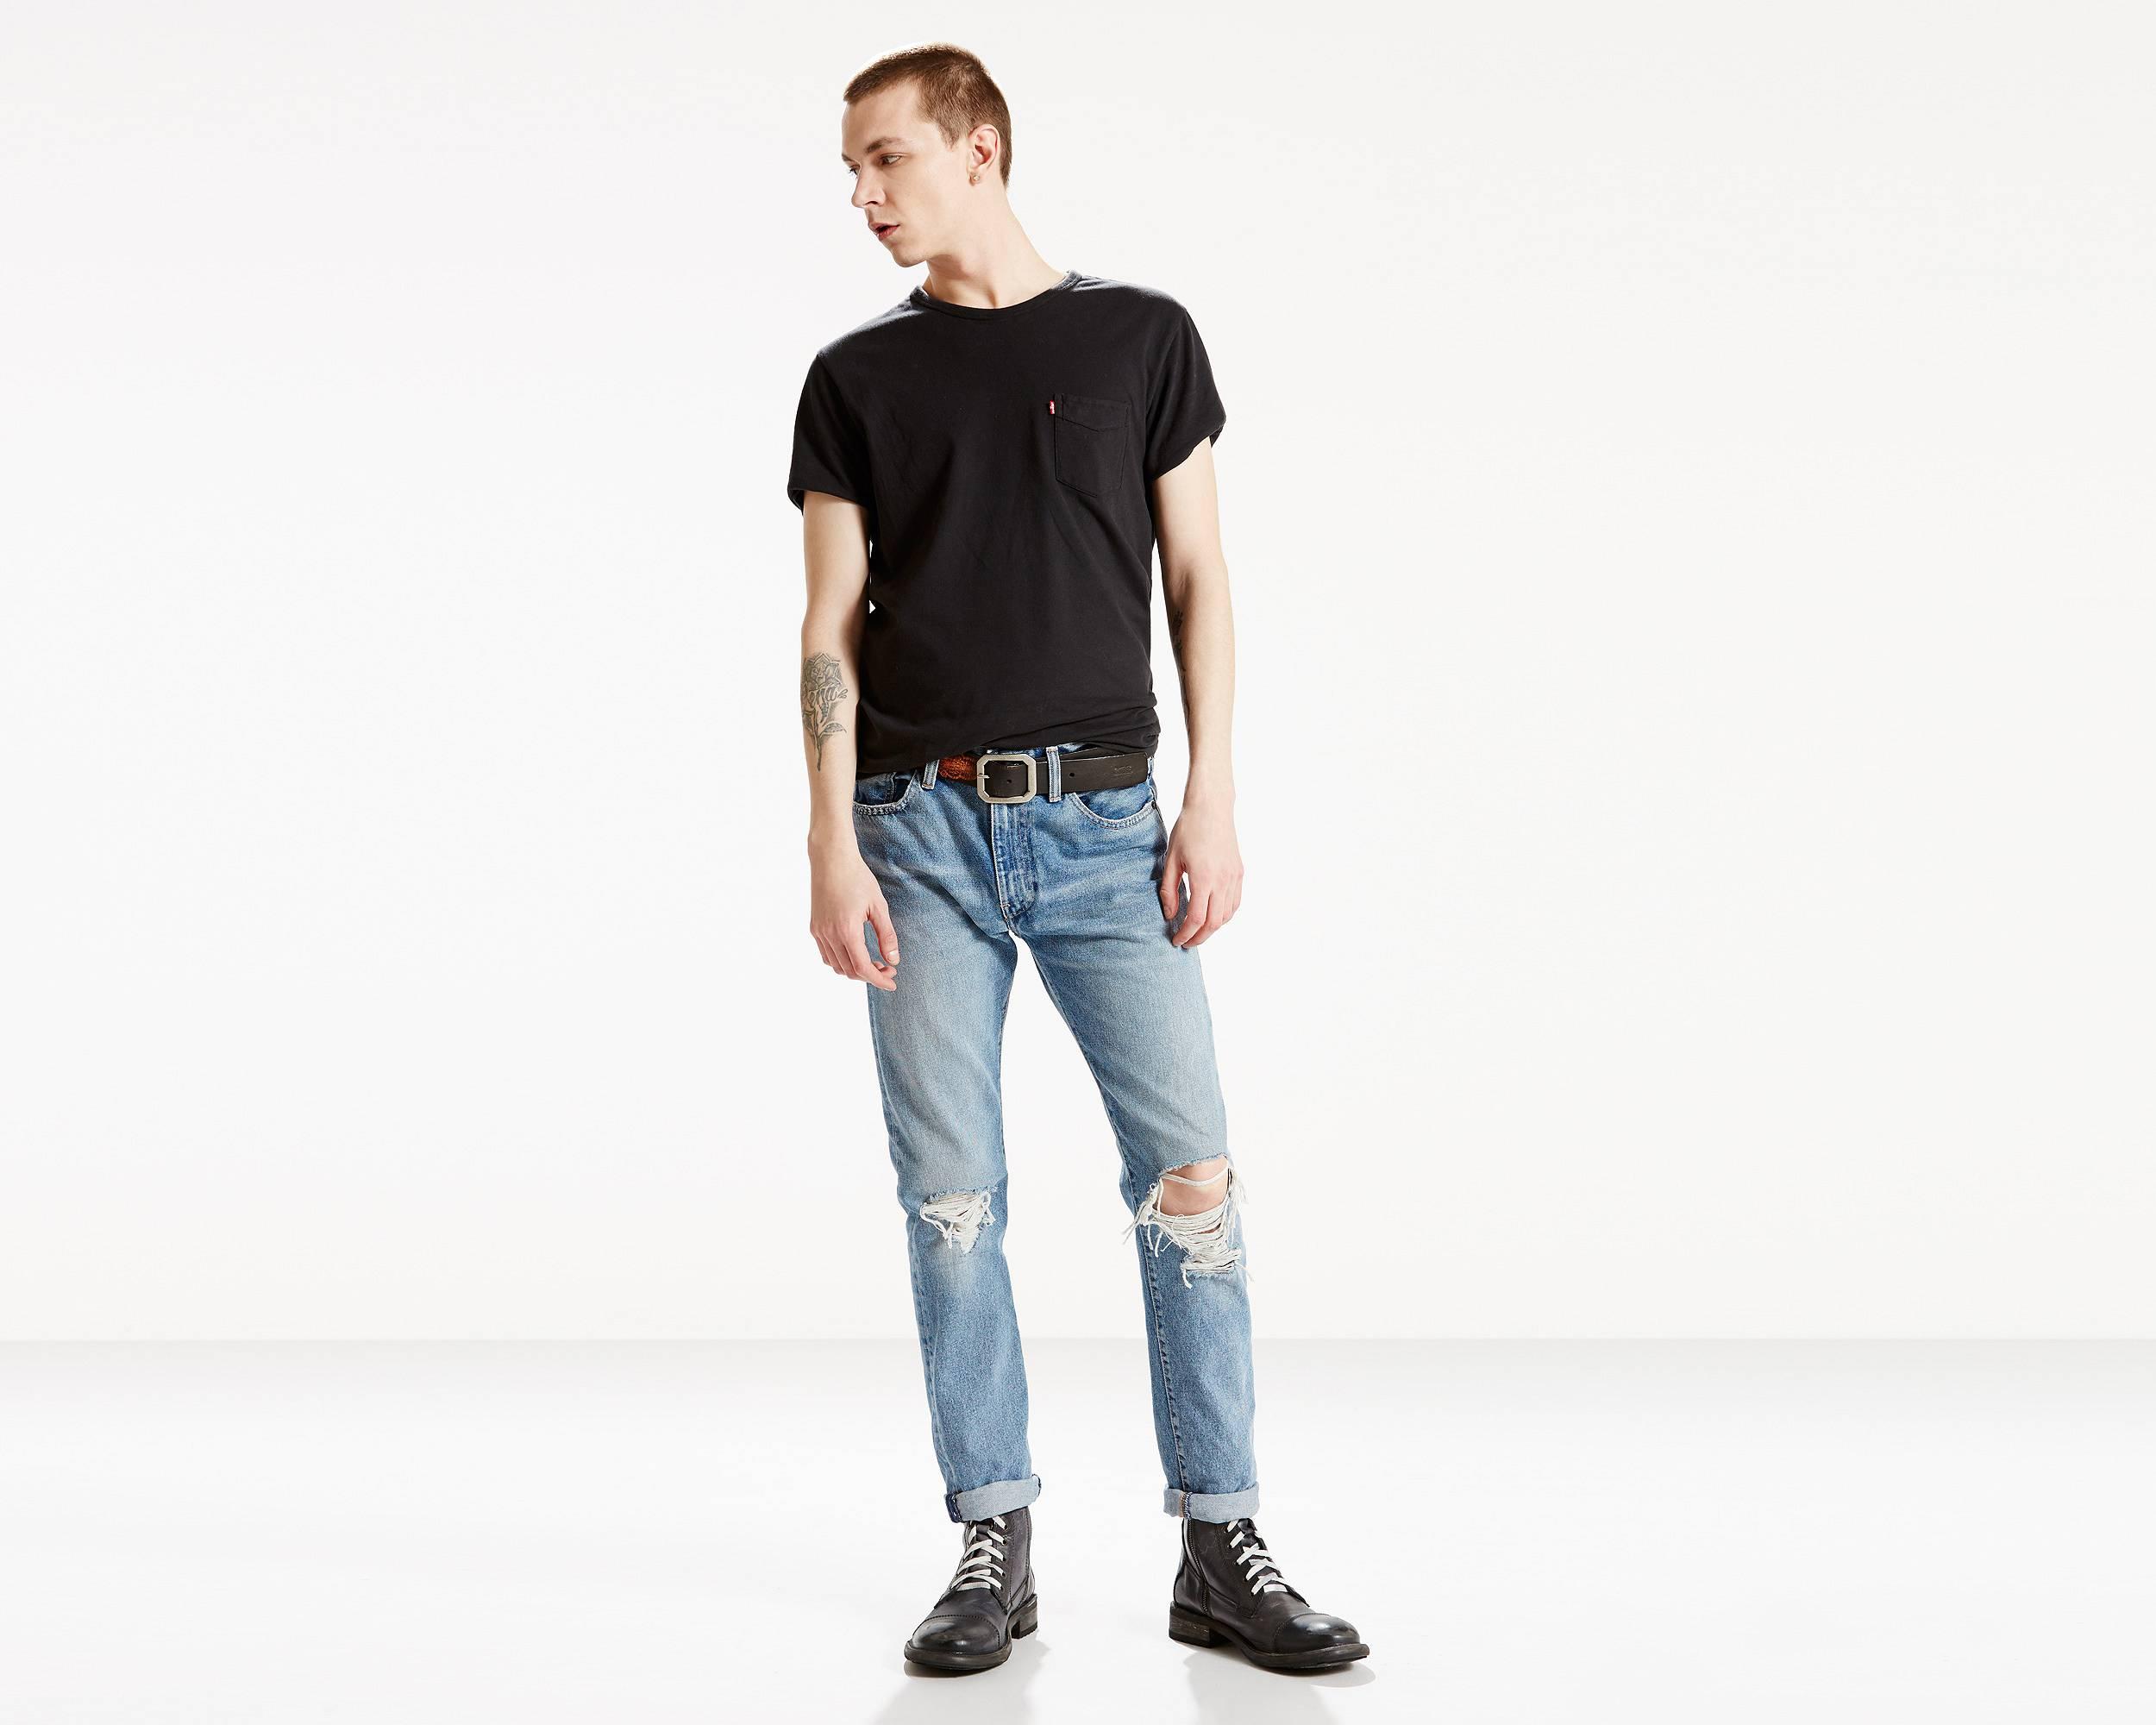 Men's Jeans & Pants on Sale - Shop Levi's Men's Sale | Levi's®